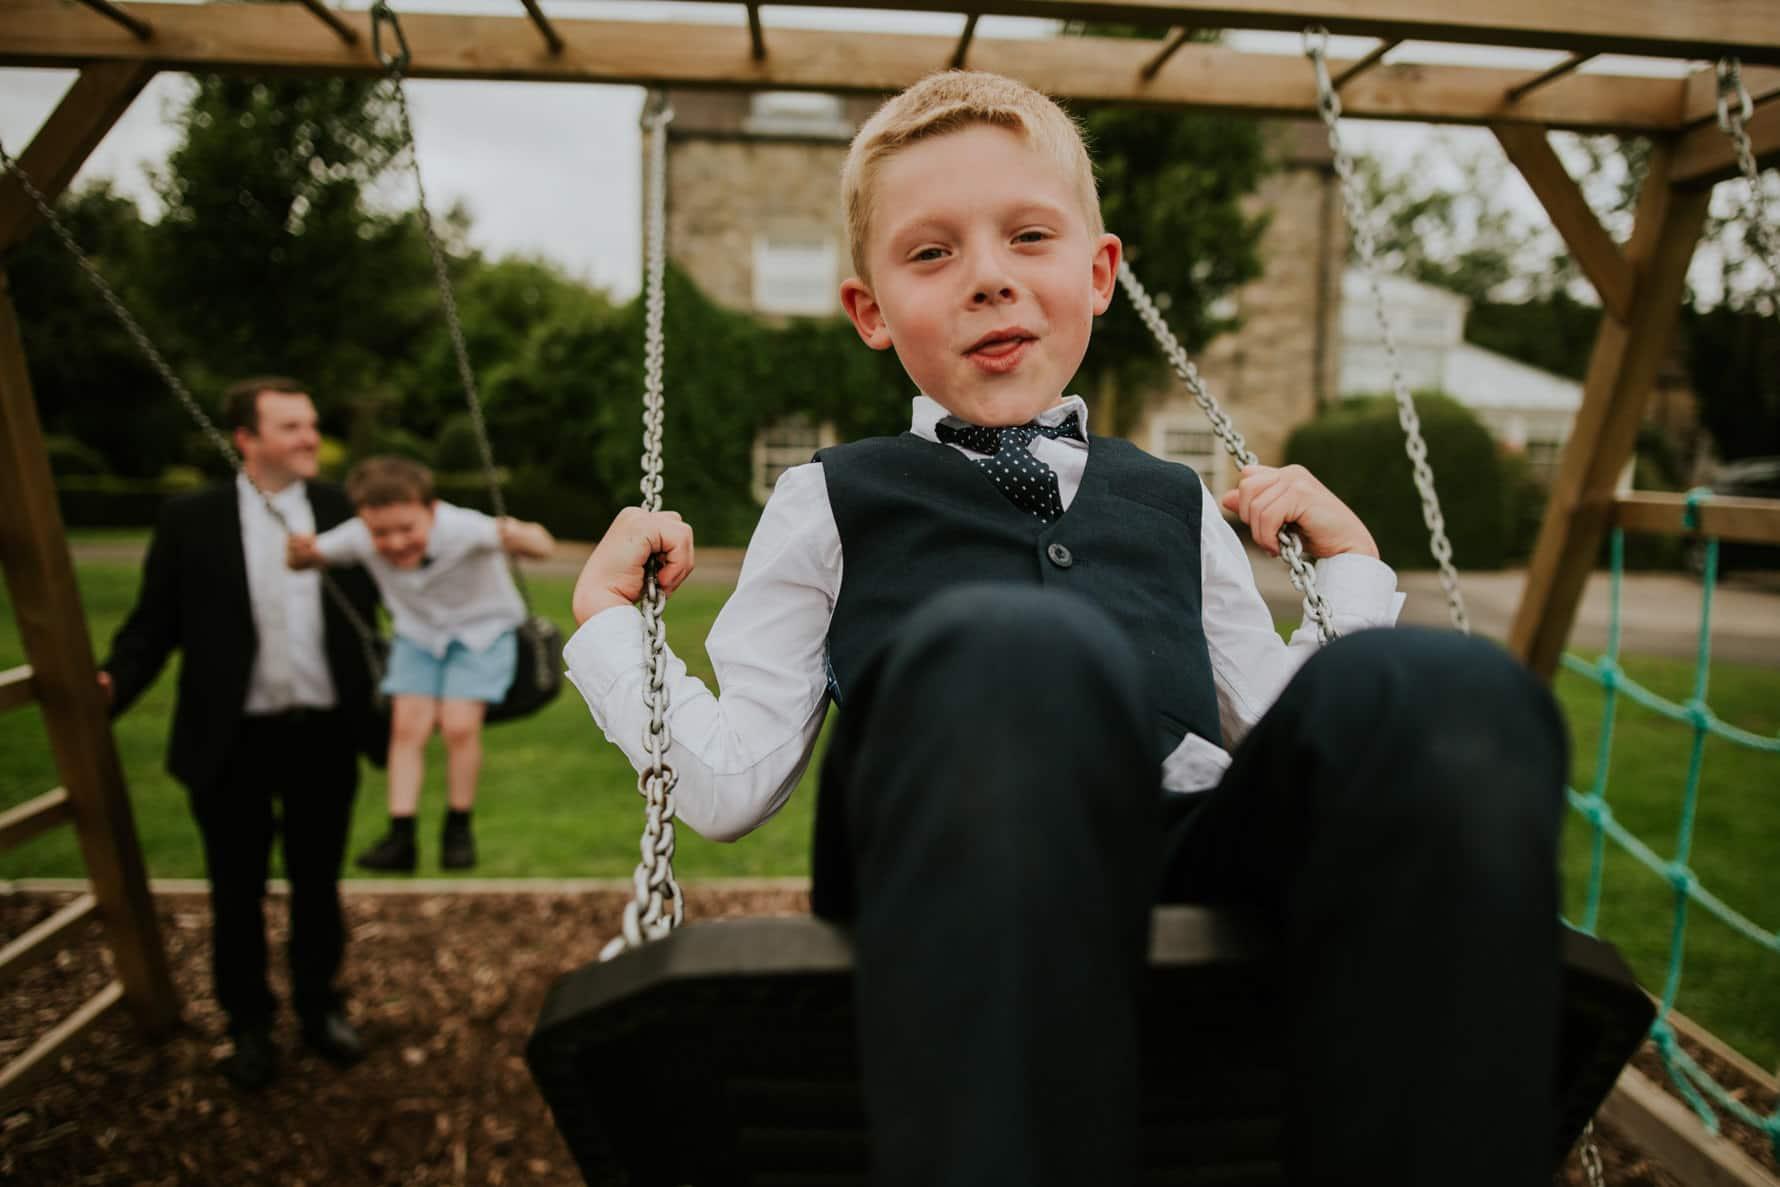 boy on a swing during a wedding reception